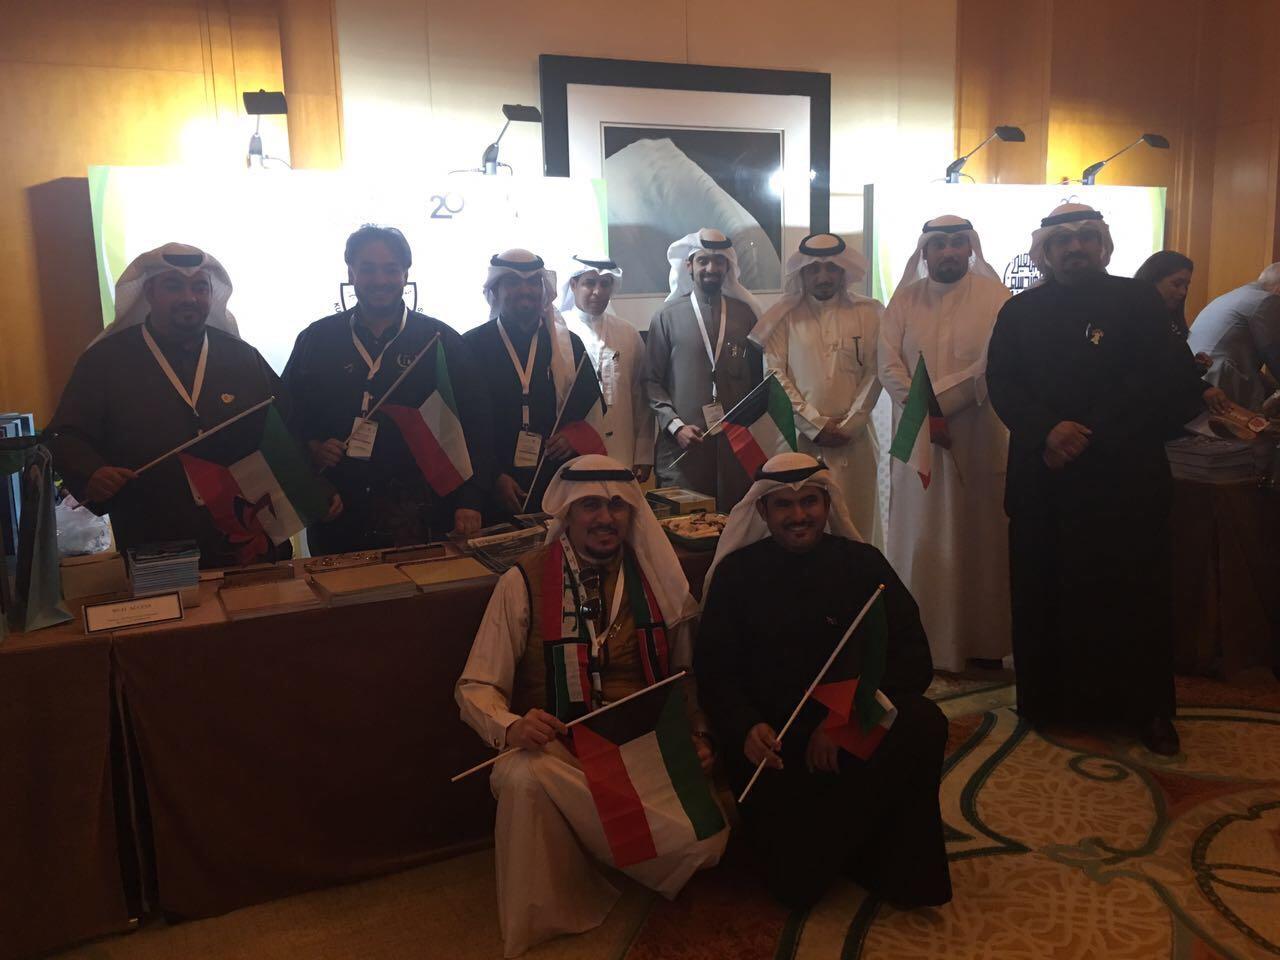 الملتقى الهندسي العشرين يكرم مهندسين كويتيين كرائدين للعمل التطوعي الخليجي